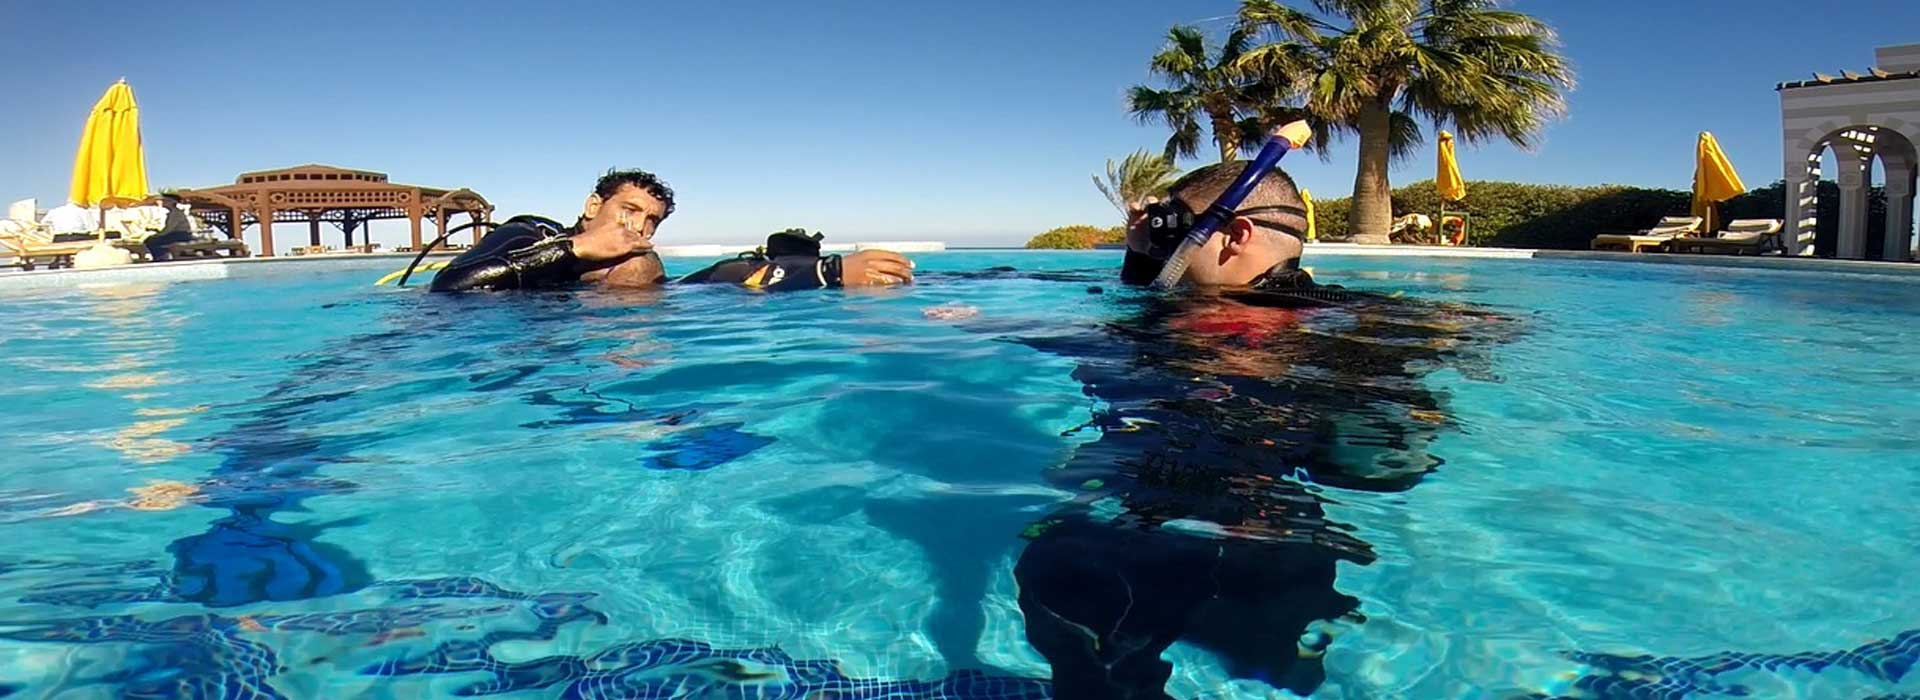 rescue-course-a- dive pro